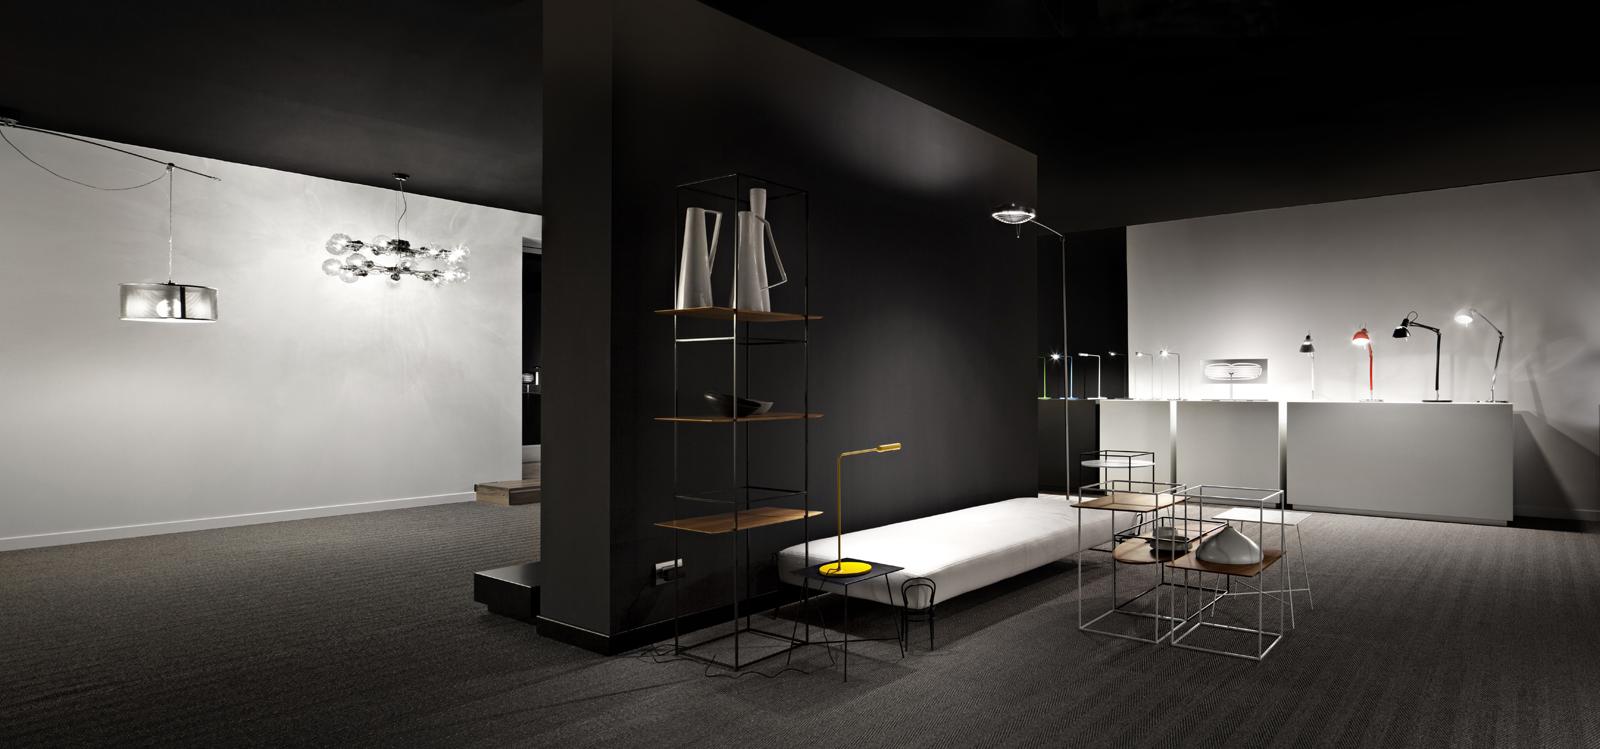 02_Lumina Showroom_Silvia Fanticelli